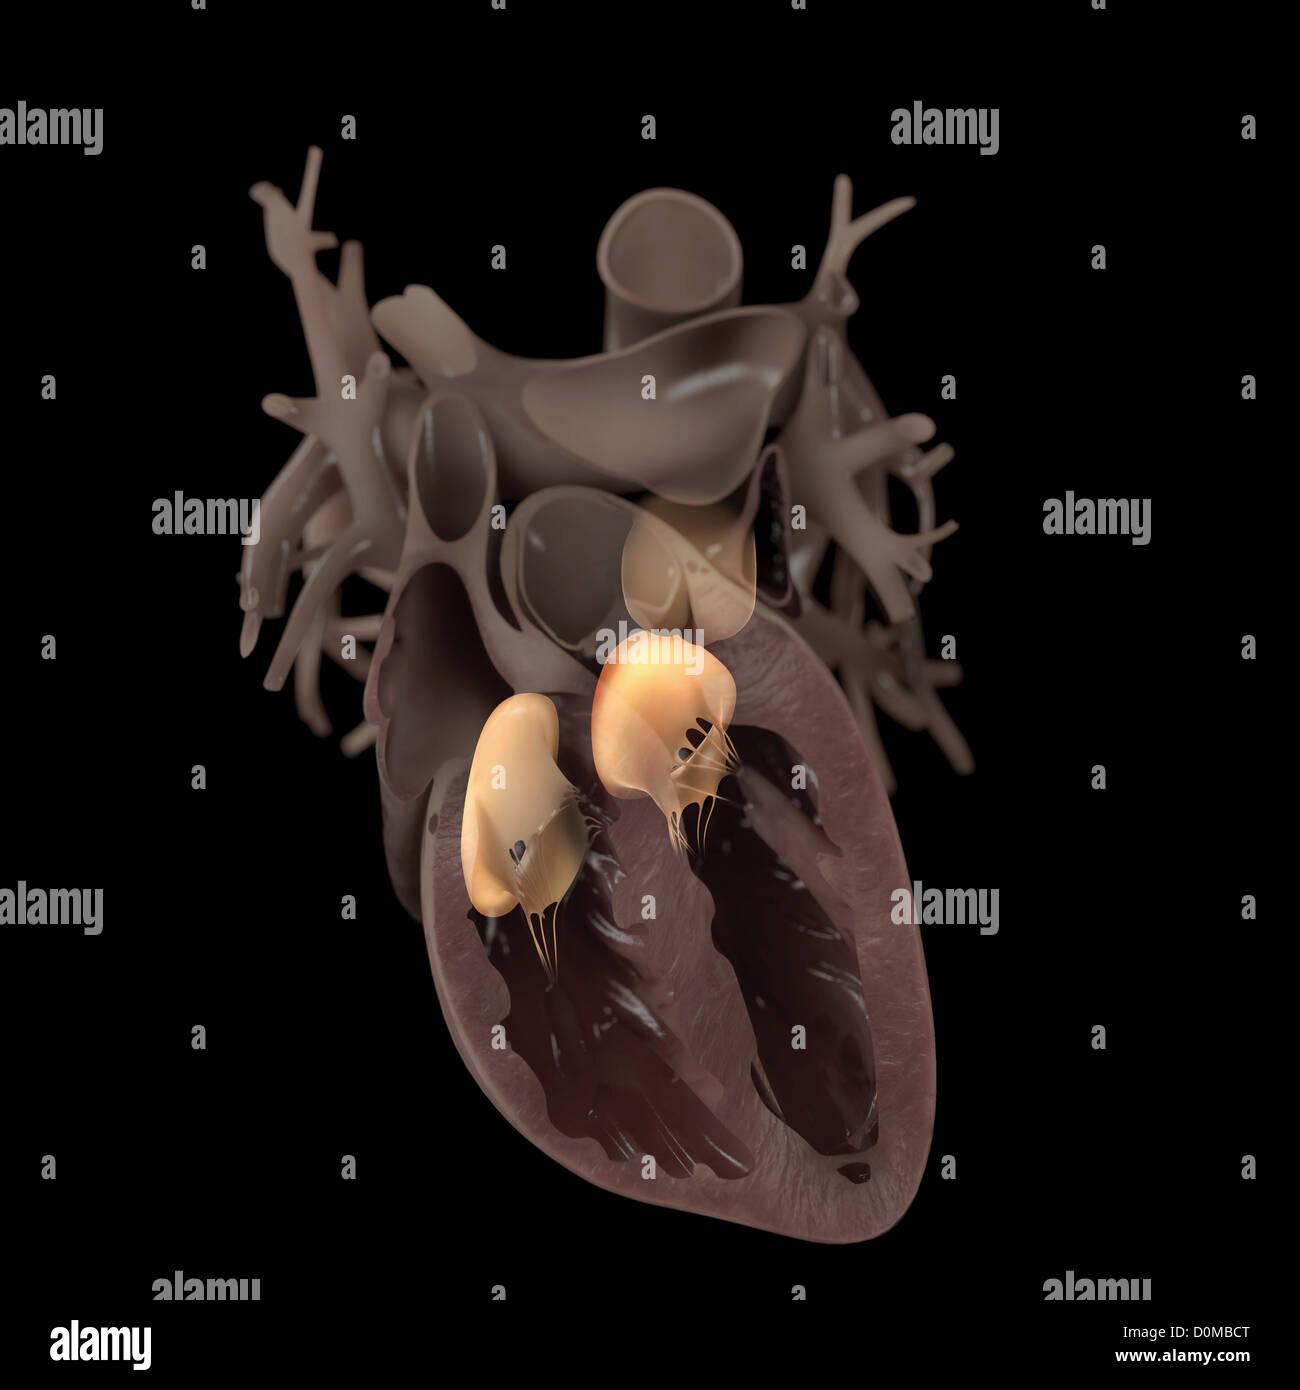 Großzügig Das Diagramm Des Herzens Bilder - Menschliche Anatomie ...